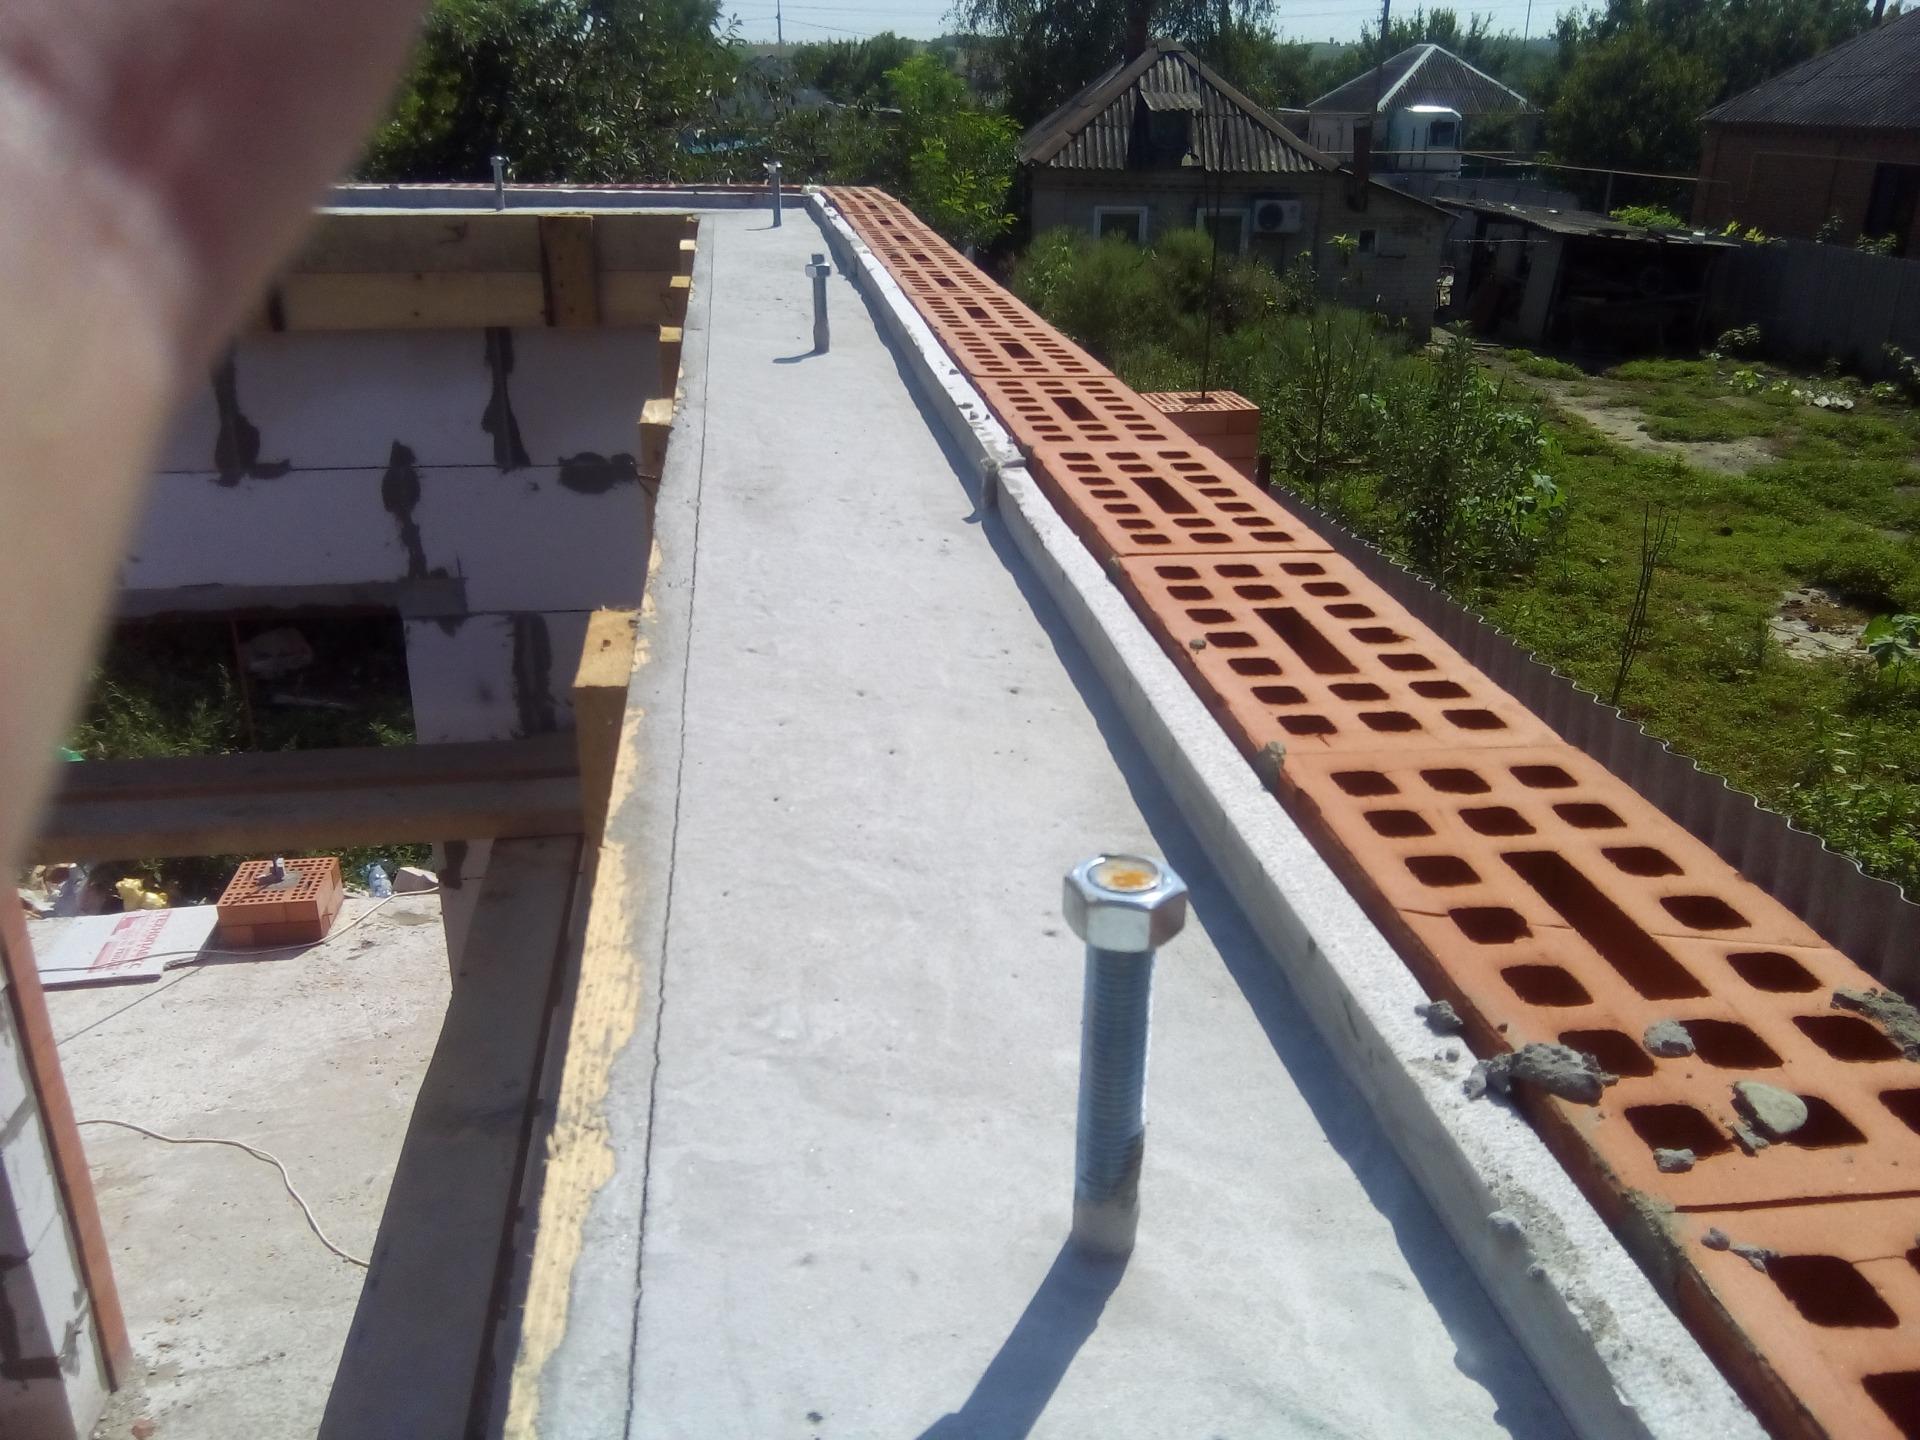 Строительство домов из пеноблока и облицовочного кирпича  Кропоткин Гулькевичи Краснодар - фото проектов